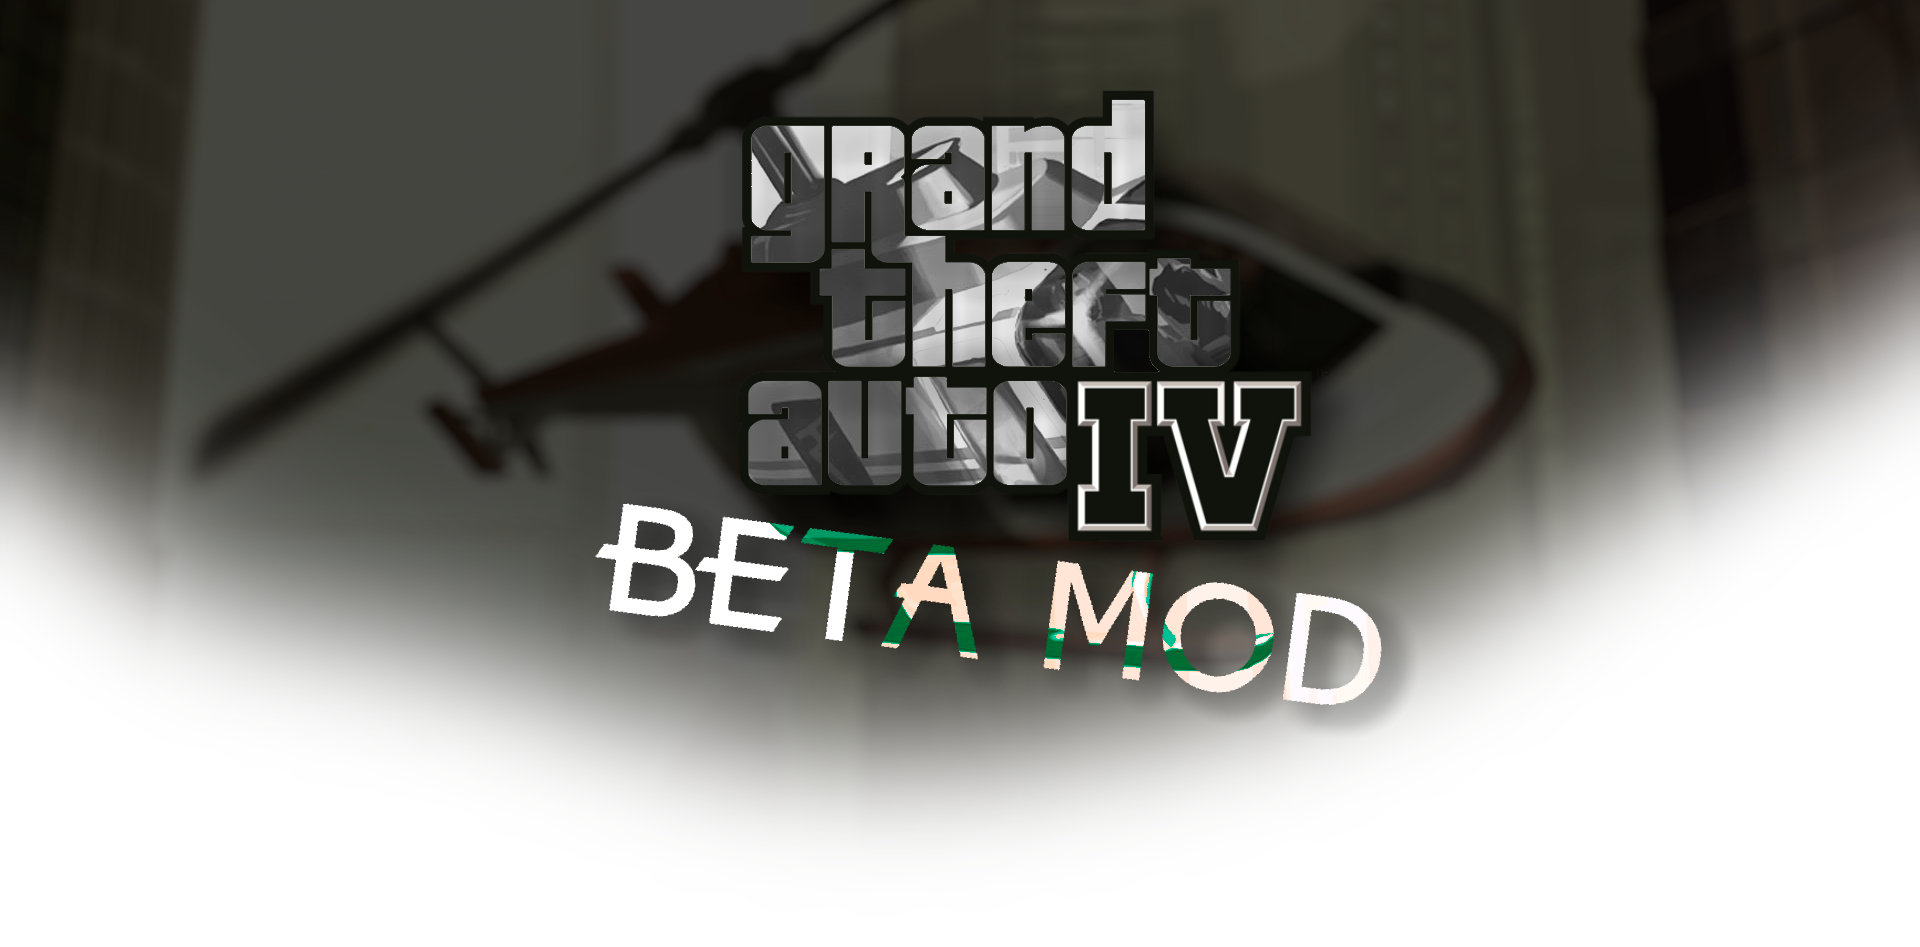 grndthfttiv_betamod_logo_offc_1920x947_l